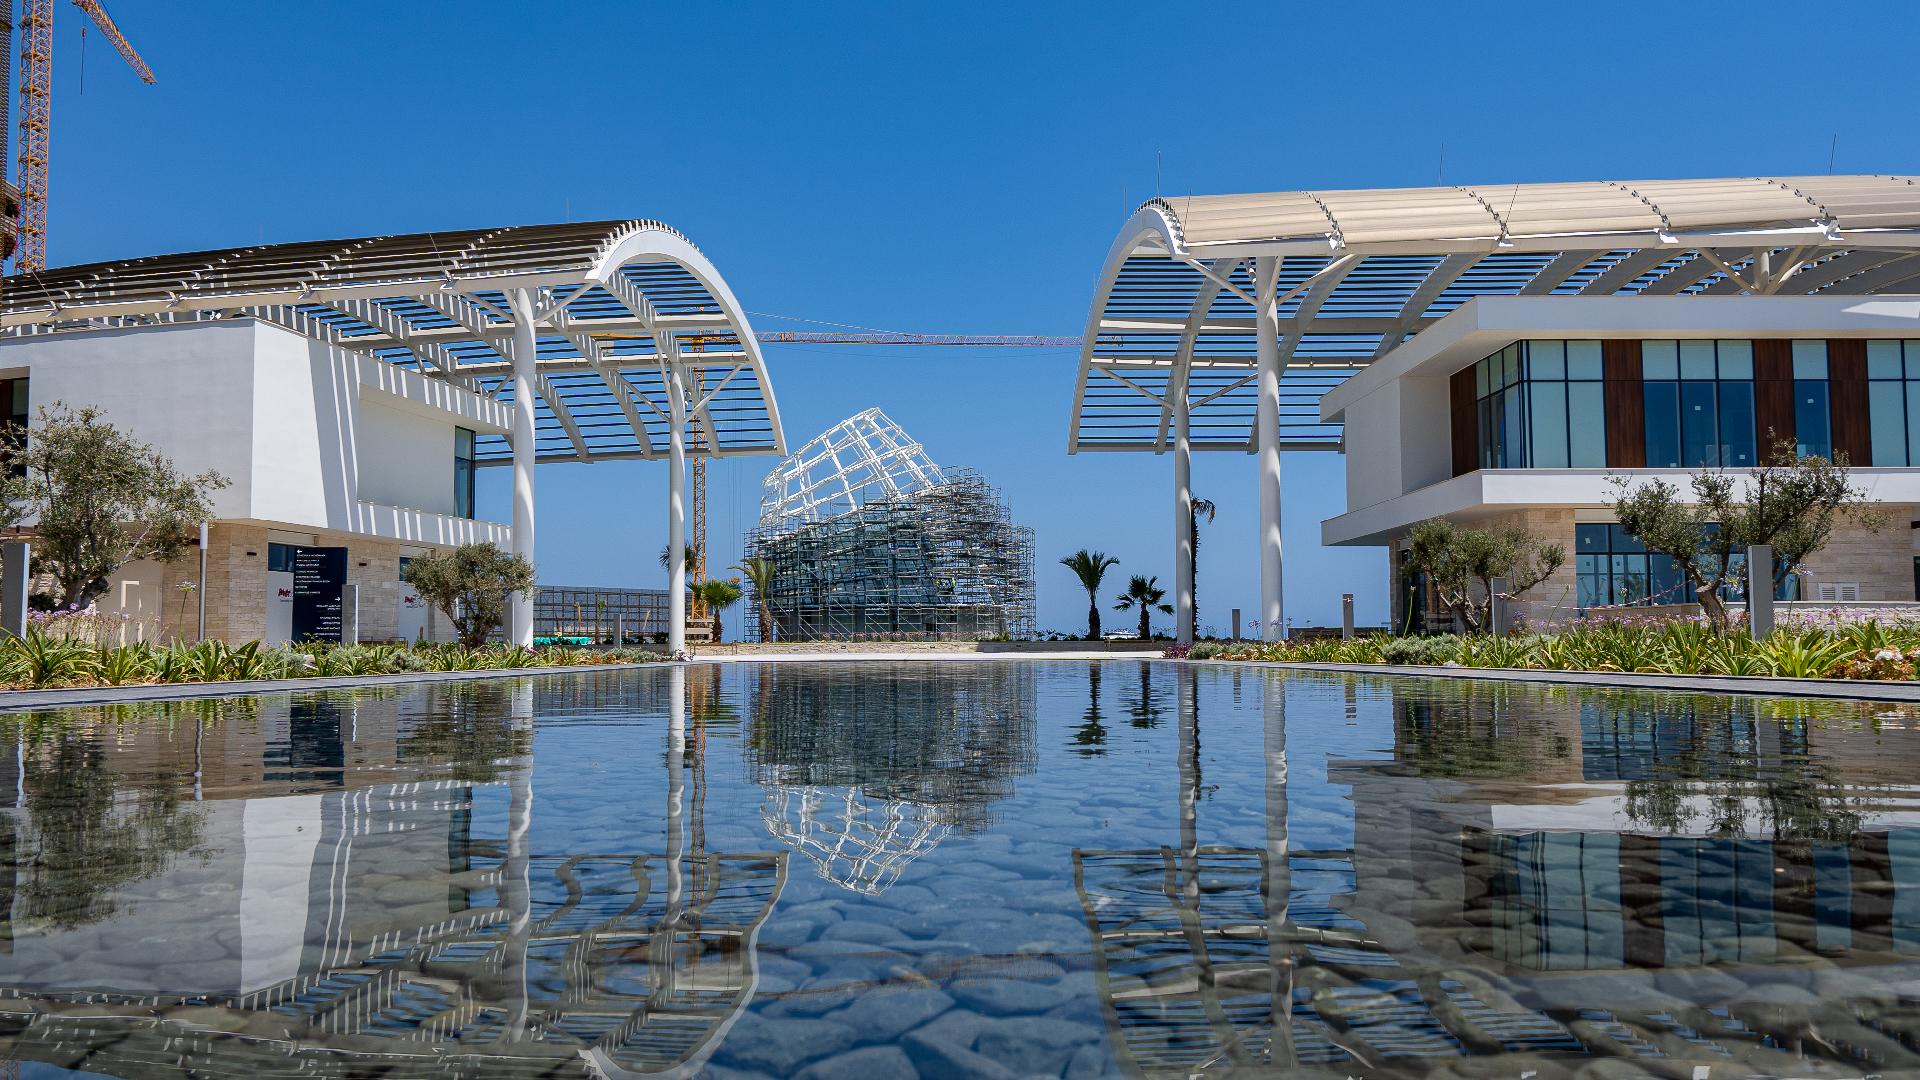 Ayia Napa Marina - Event Centre